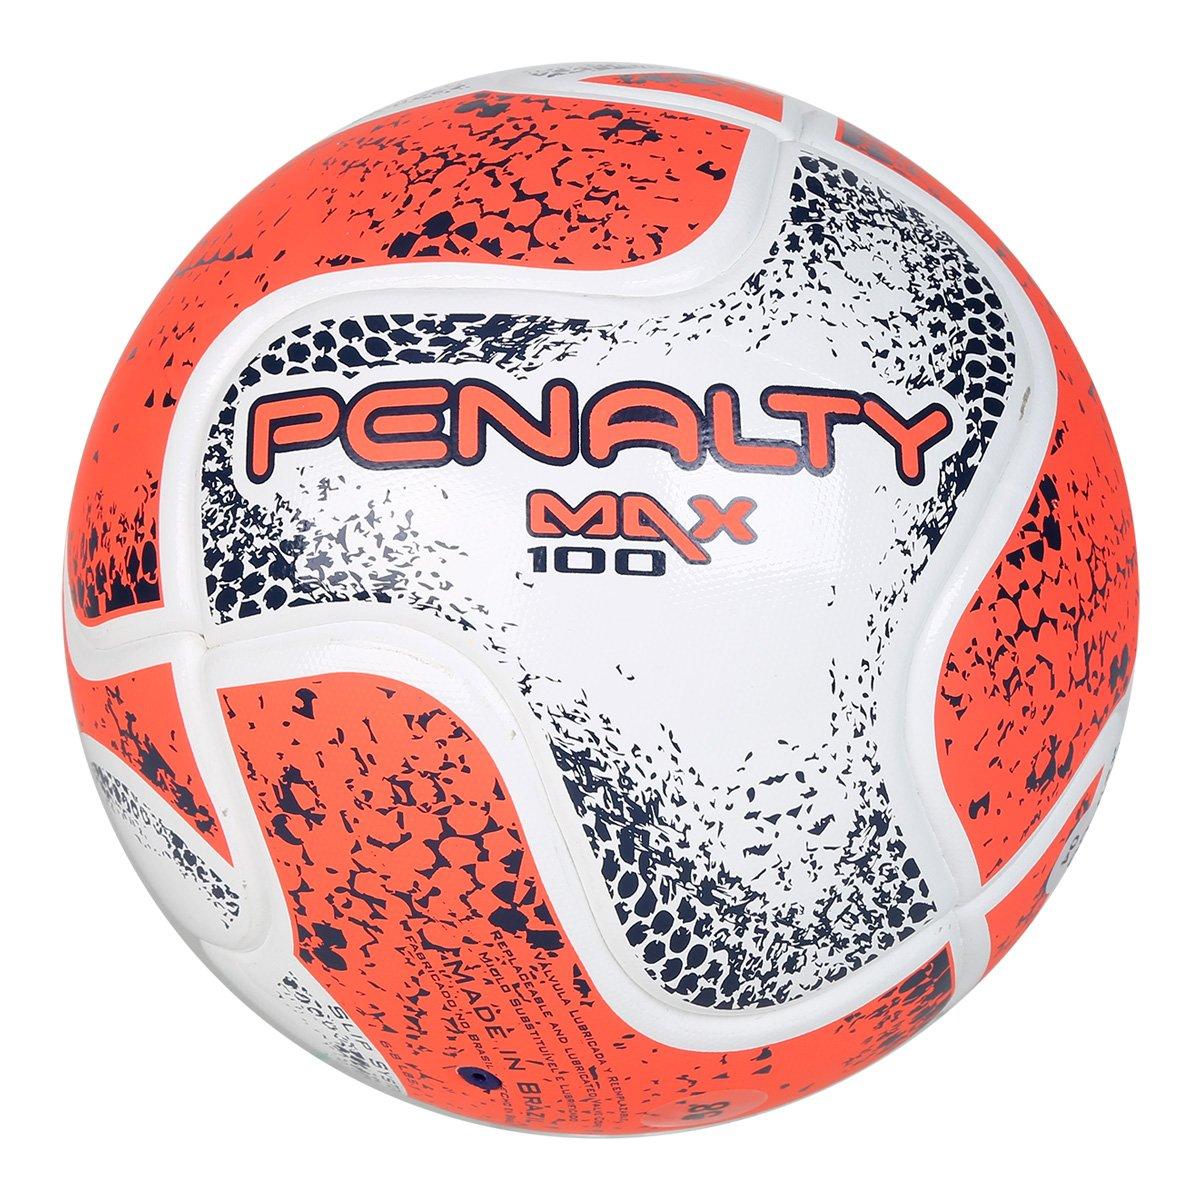 64c76fa9740fa Bola Futsal Penalty Max 100 Term VIII - Branco e Laranja - Compre ...